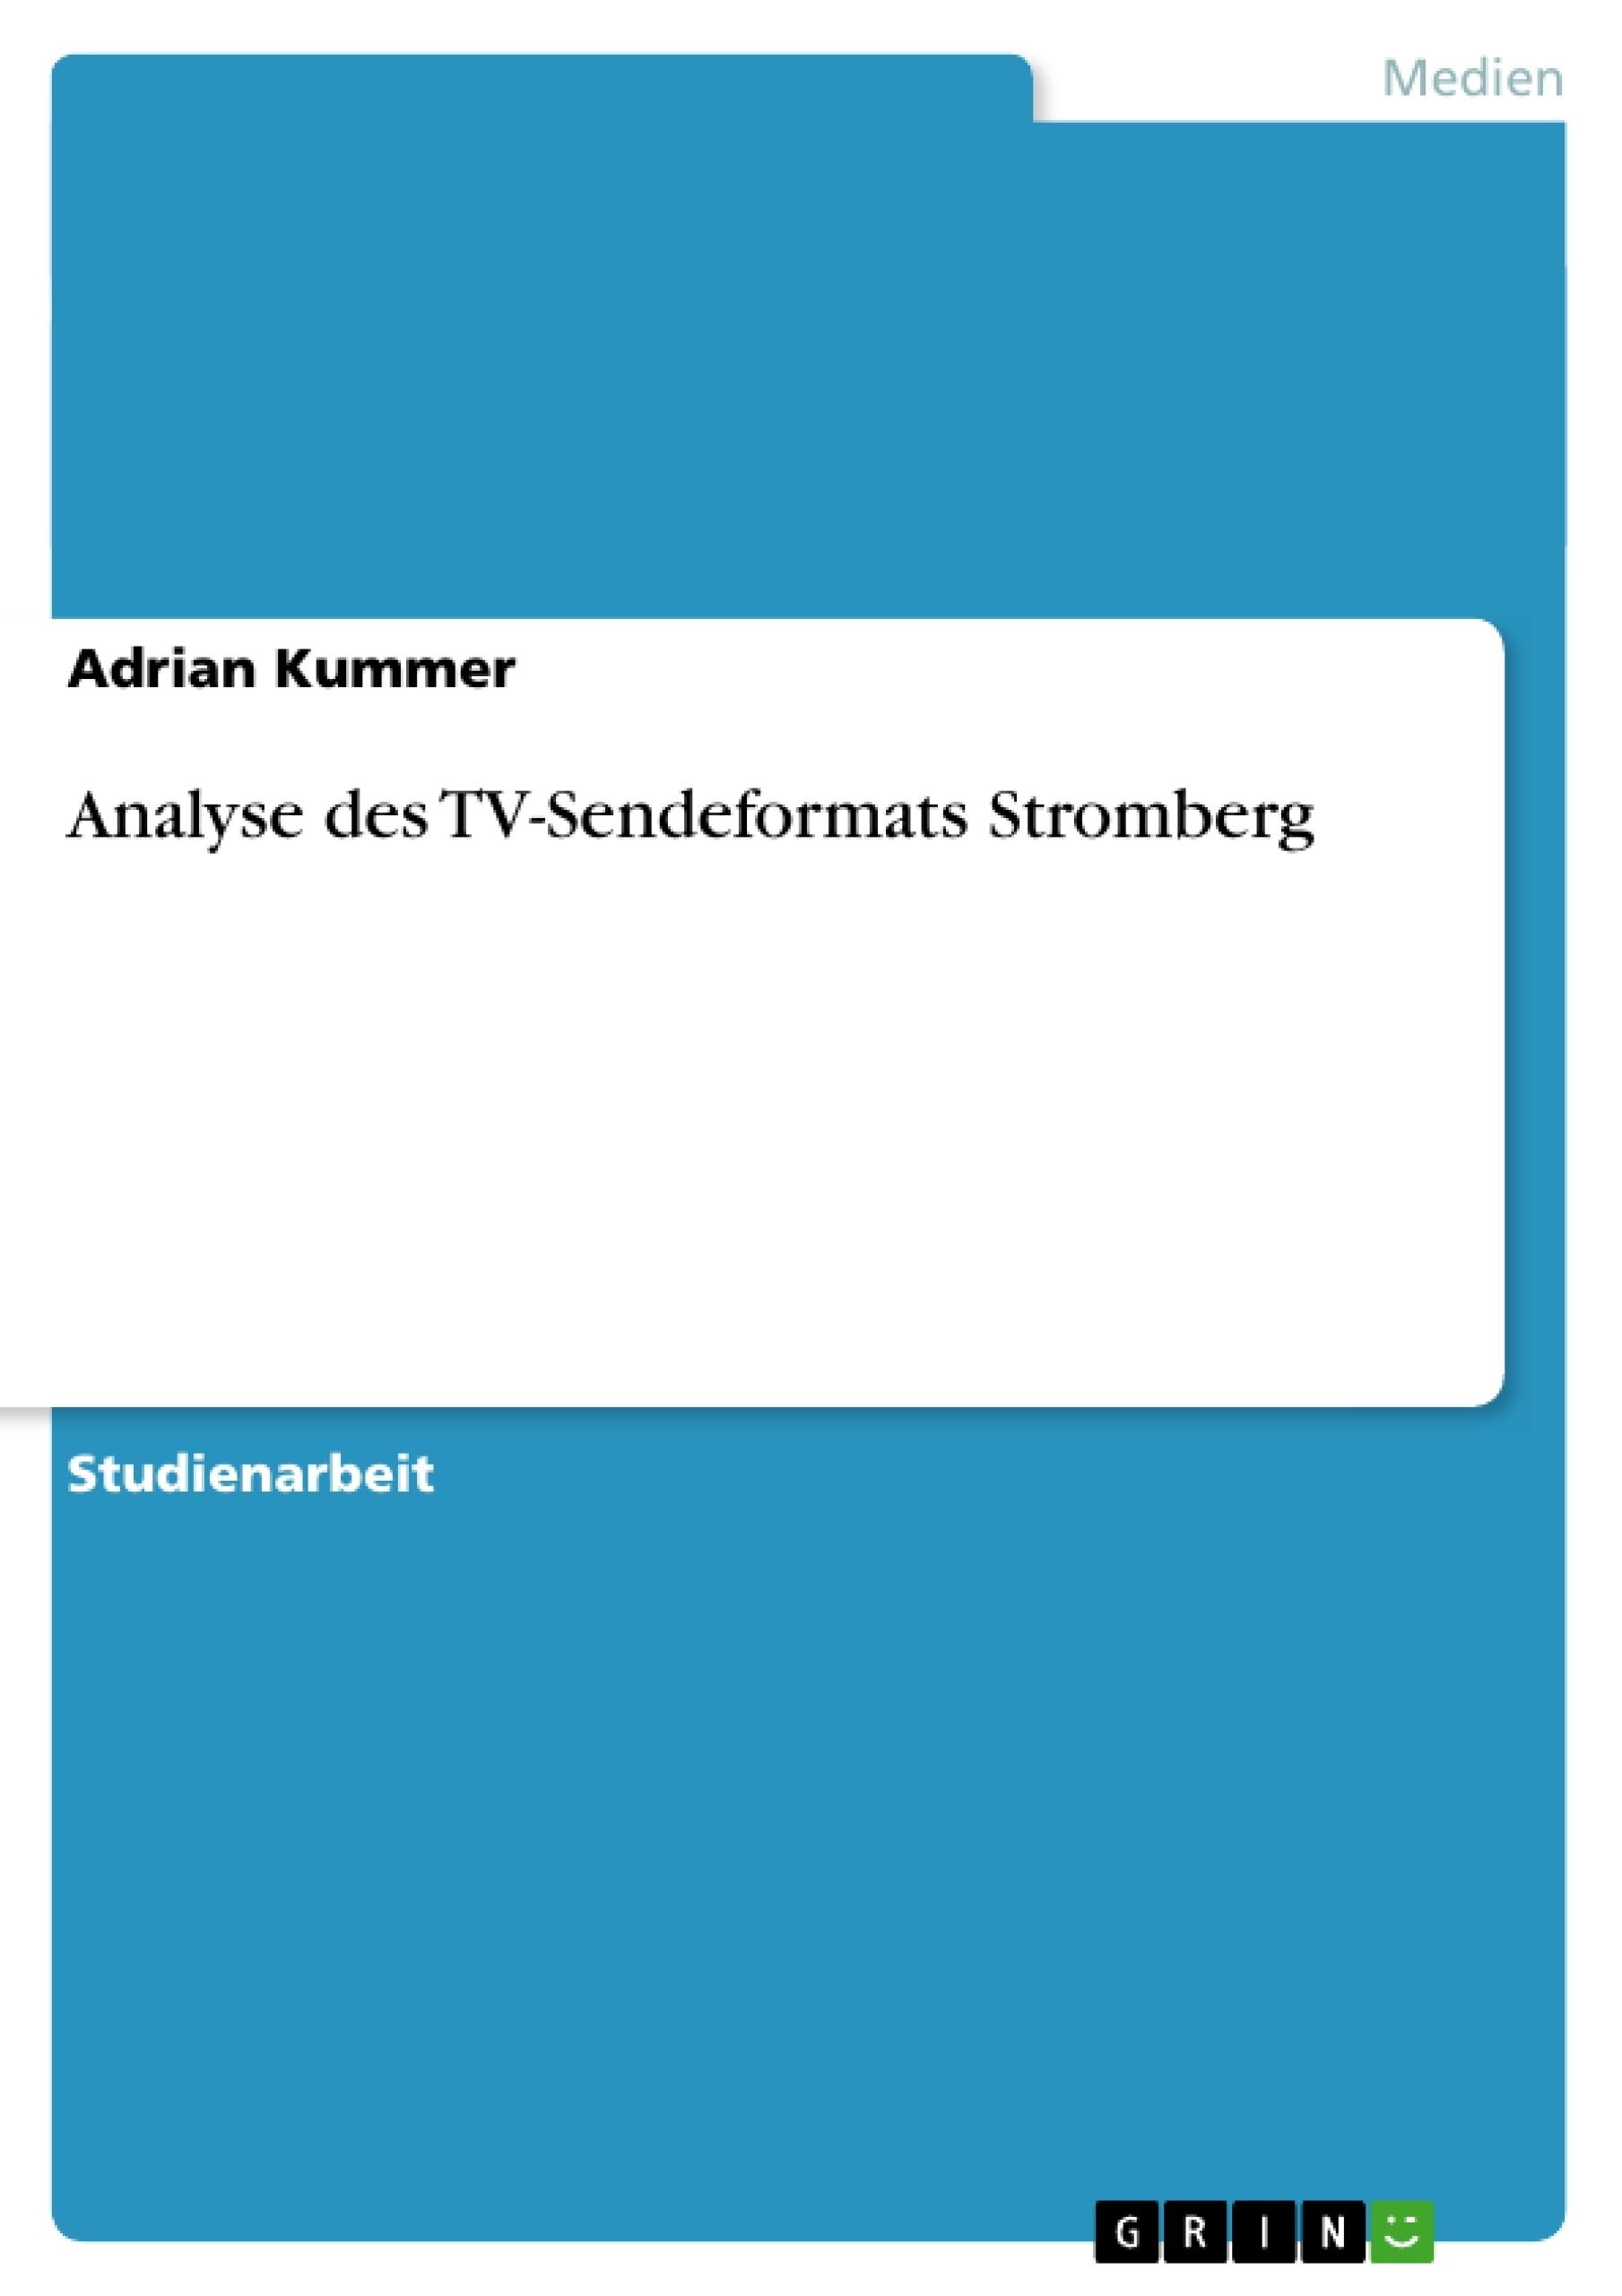 Titel: Analyse des TV-Sendeformats Stromberg